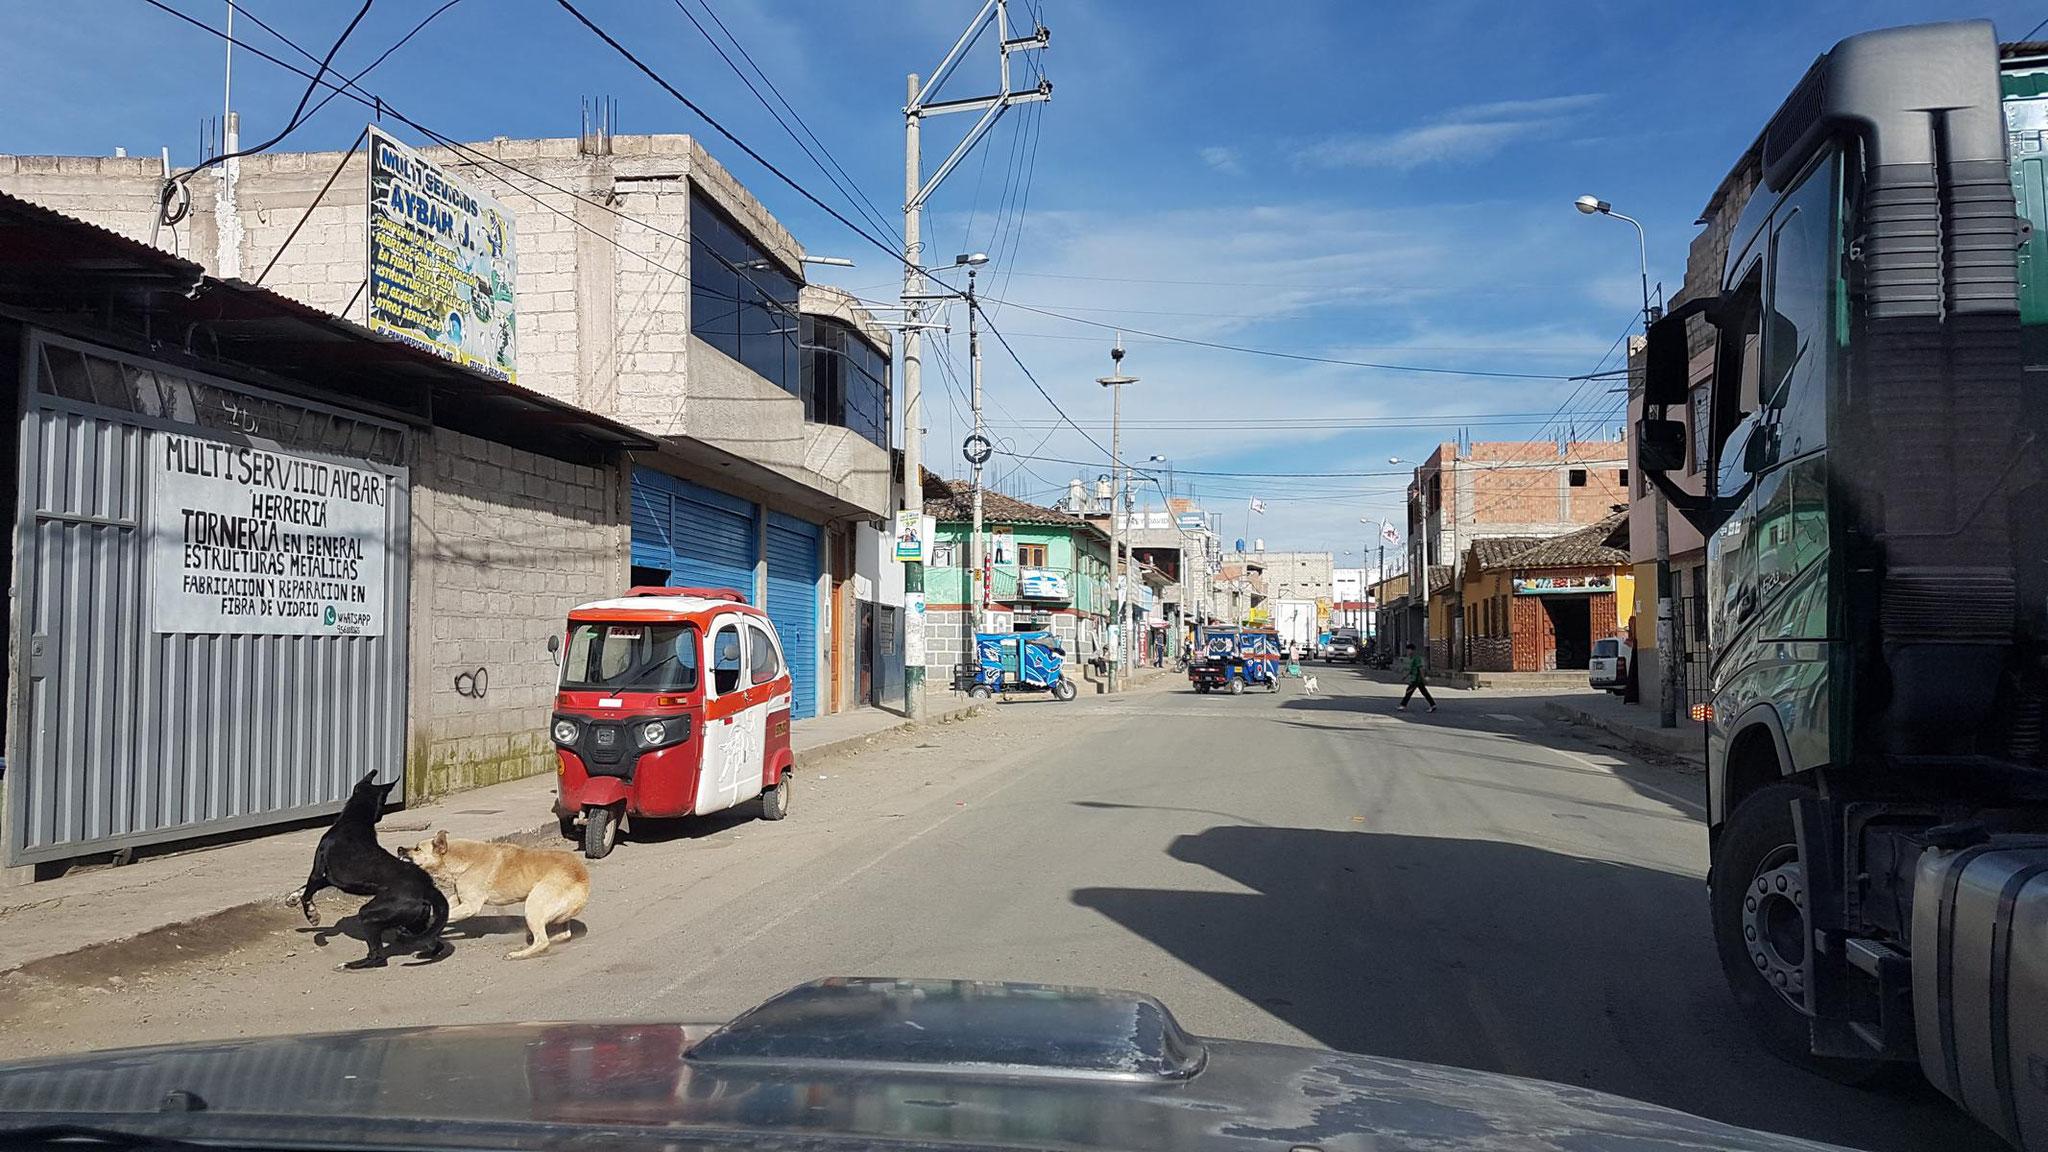 Die nationale Durchganngsstraße durch Curahuasi.